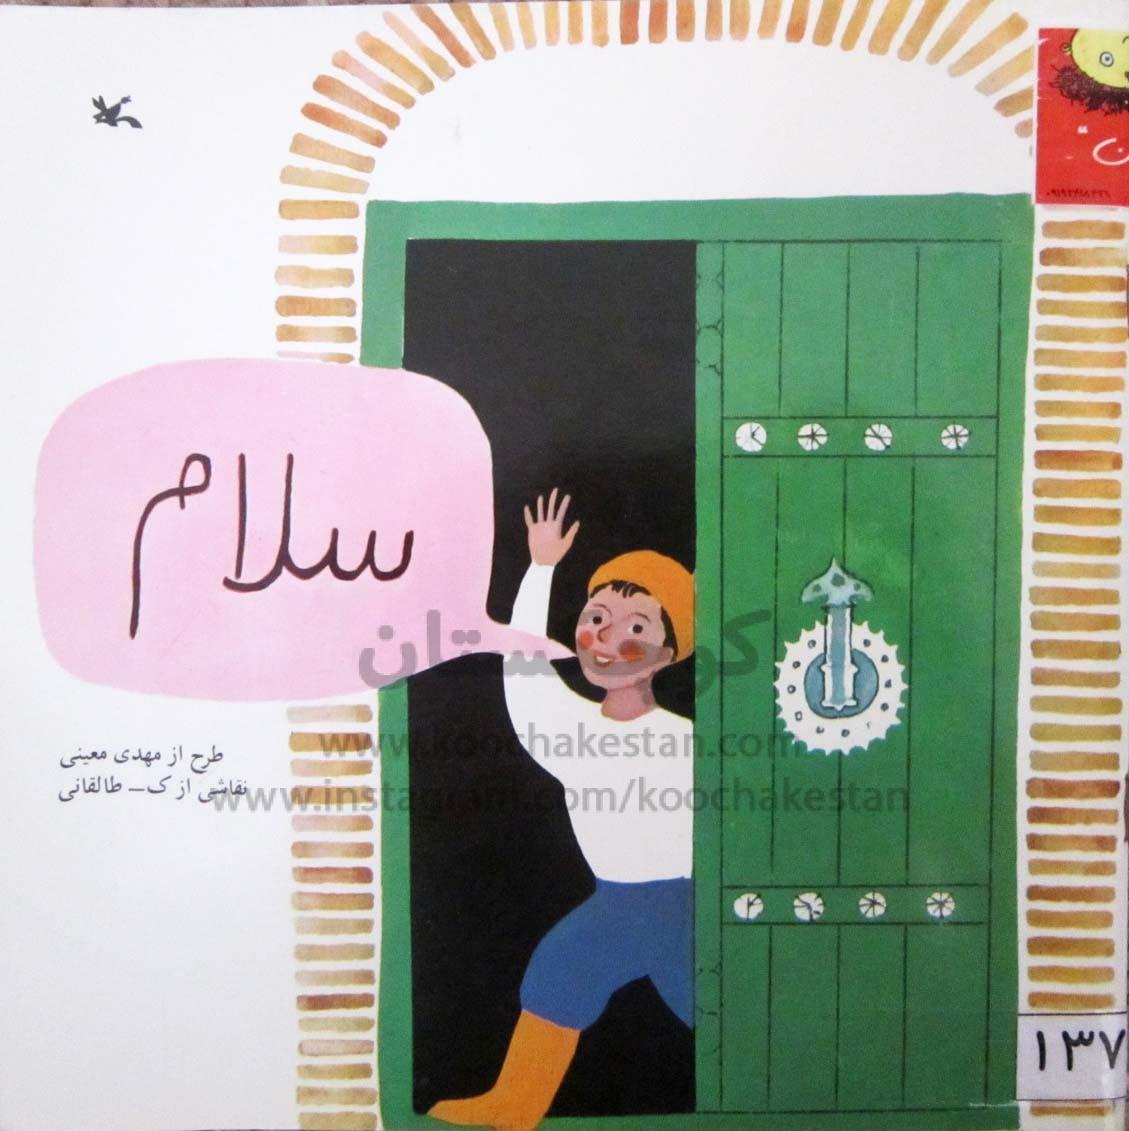 سلام - کتابخانه کودک - کوچکستان